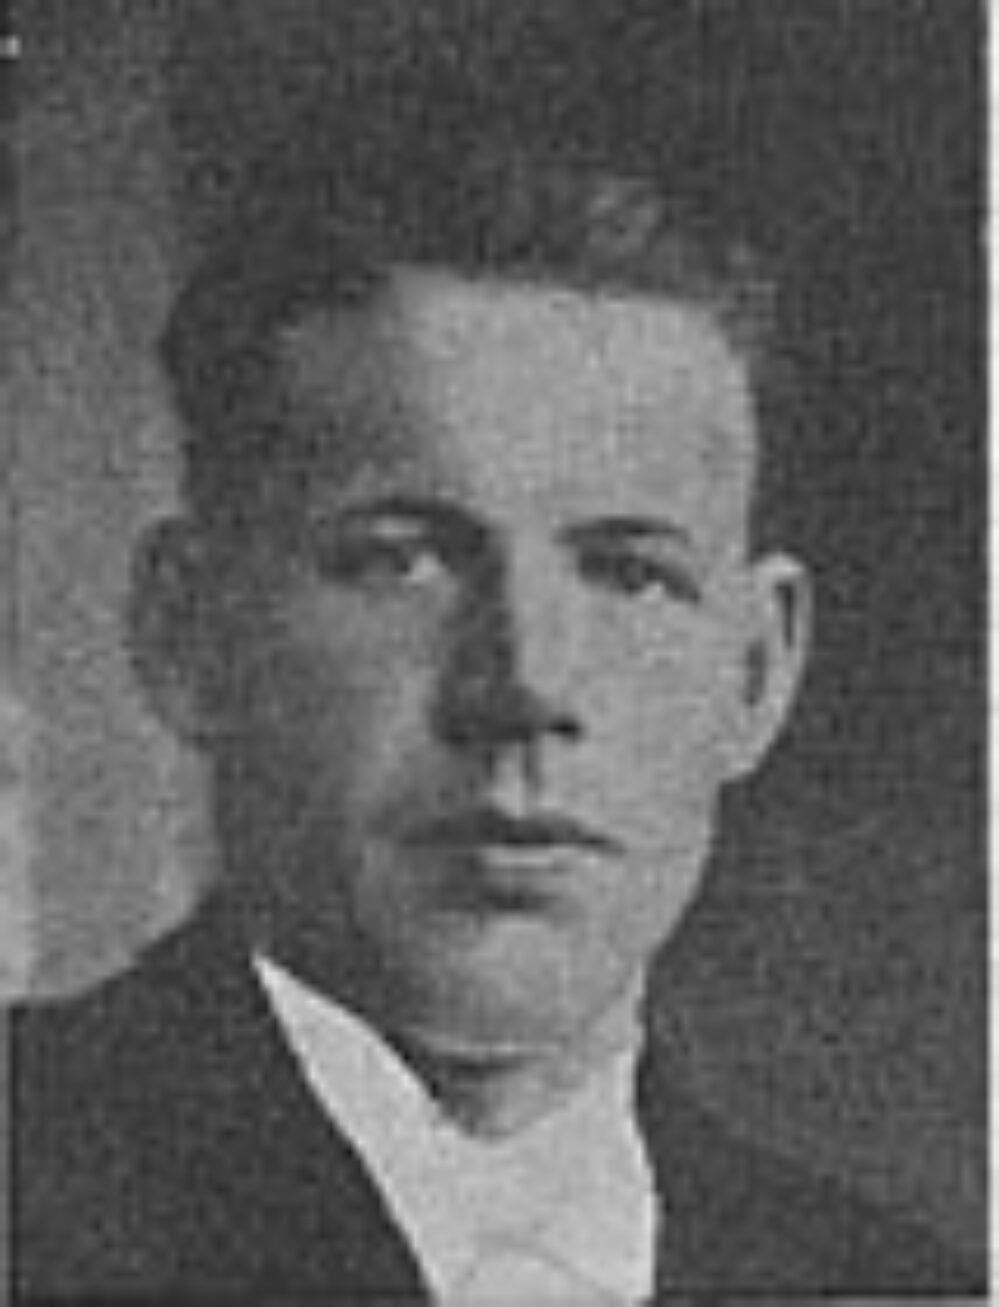 Johannes Eikaas